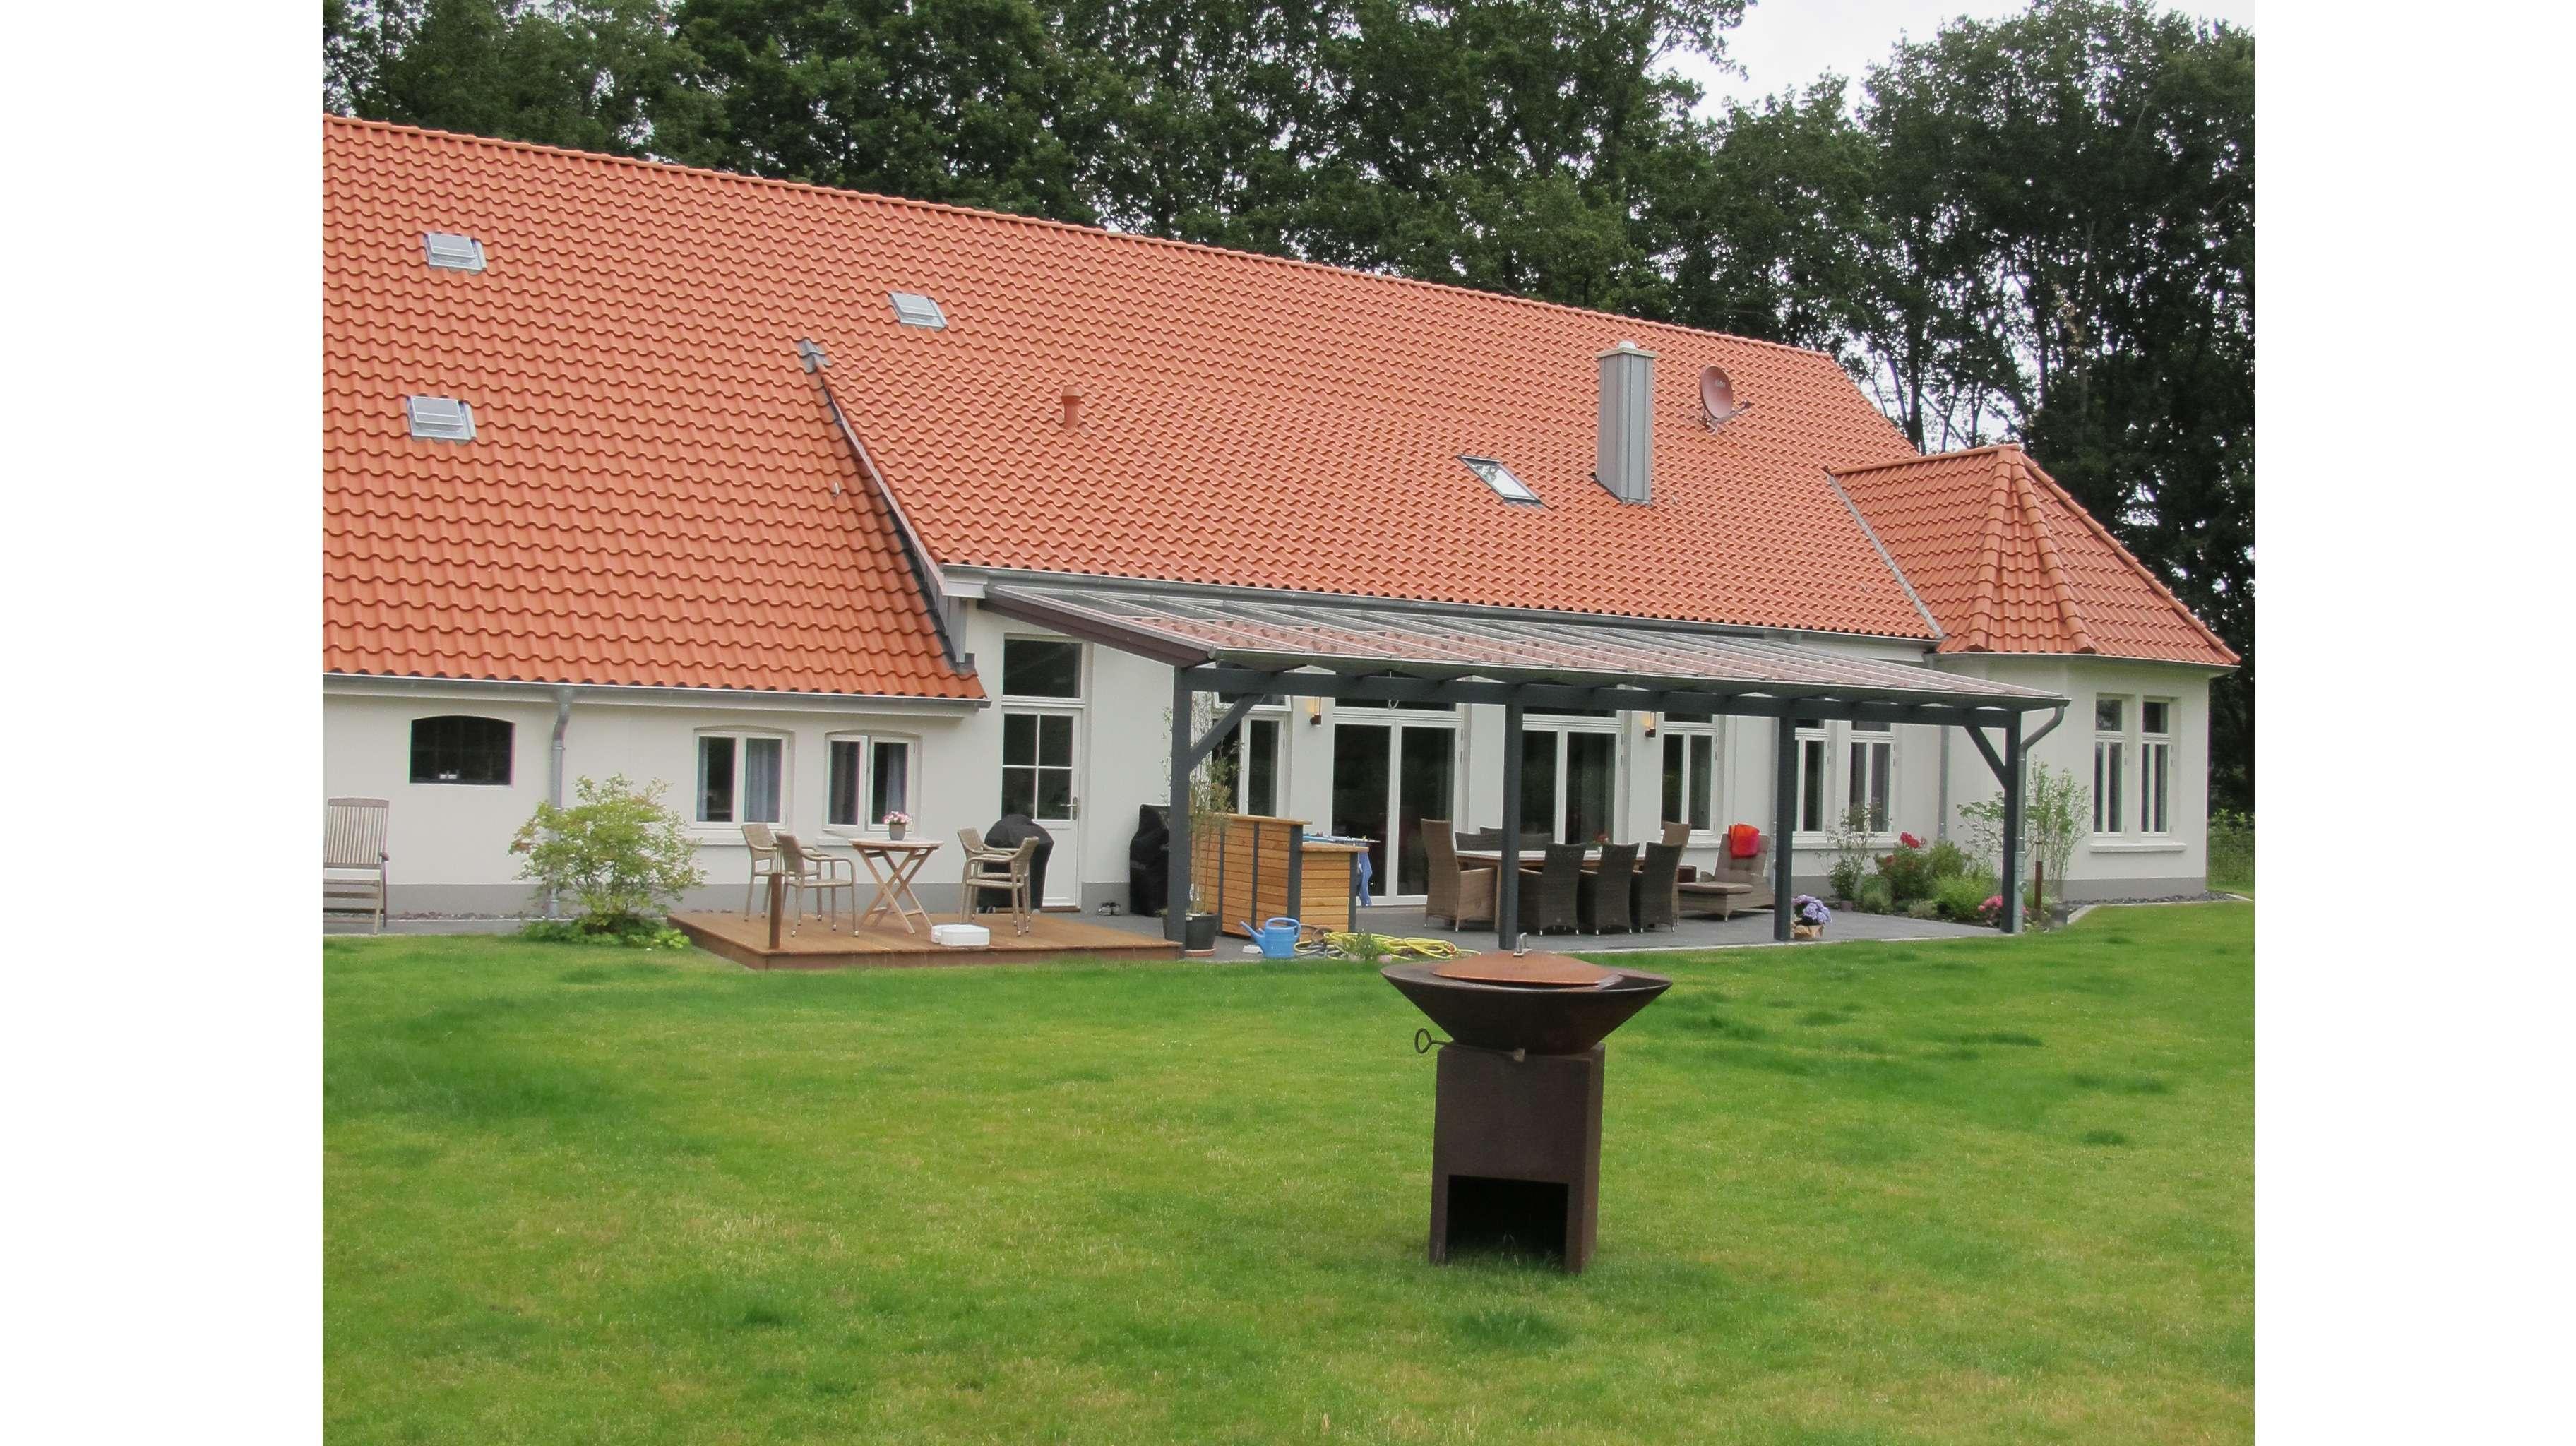 Bauernhof_Wohnbereich_Terrassentüren_Fecon Nordwest